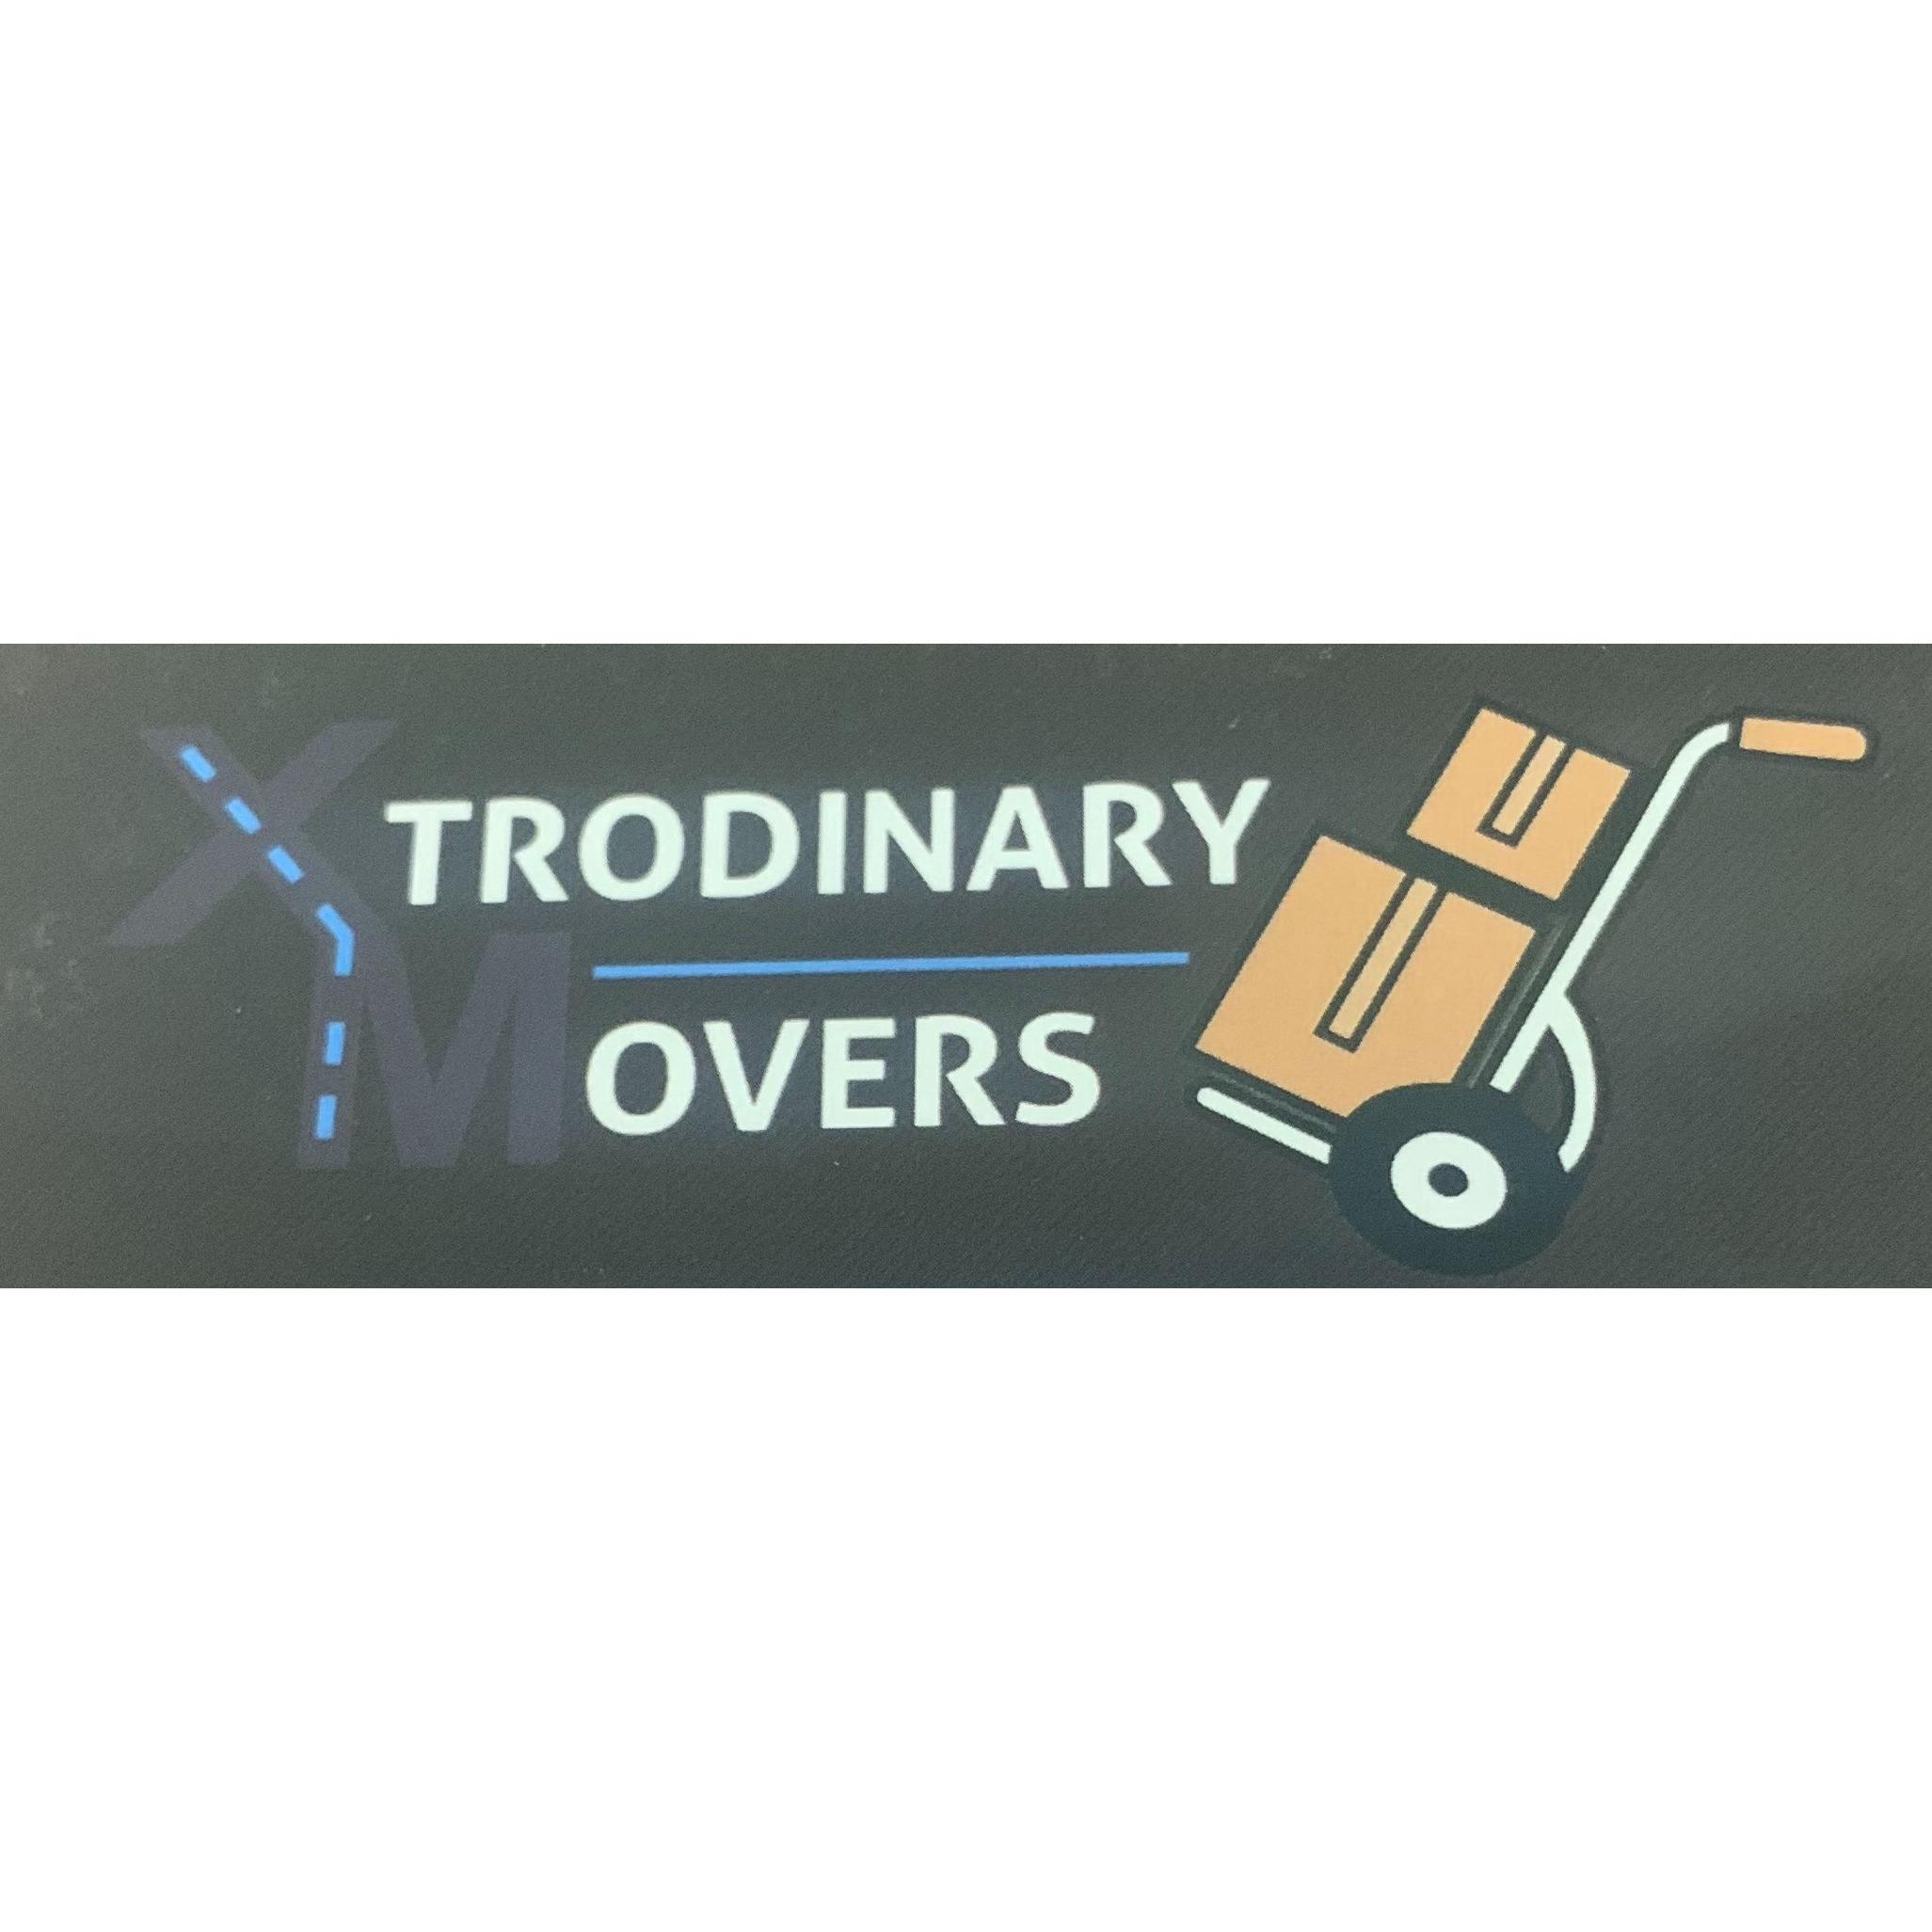 Xtrodinary Movers